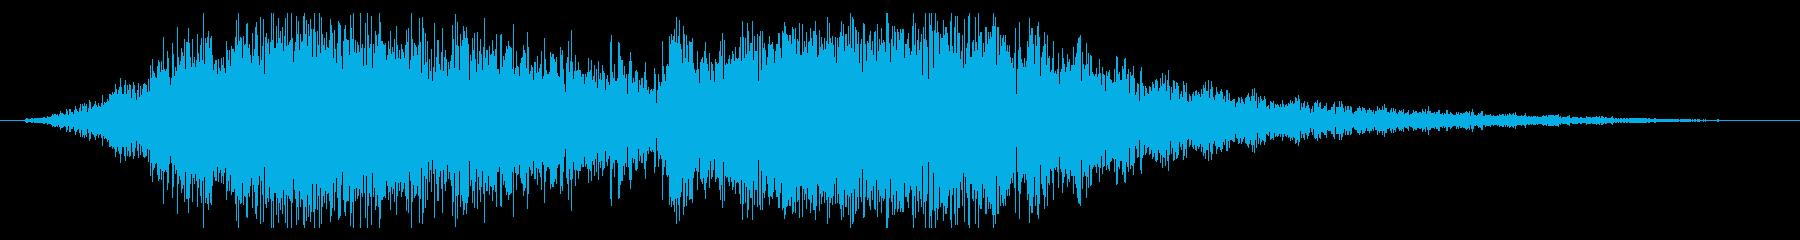 素材 SciFi Wind Wob...の再生済みの波形